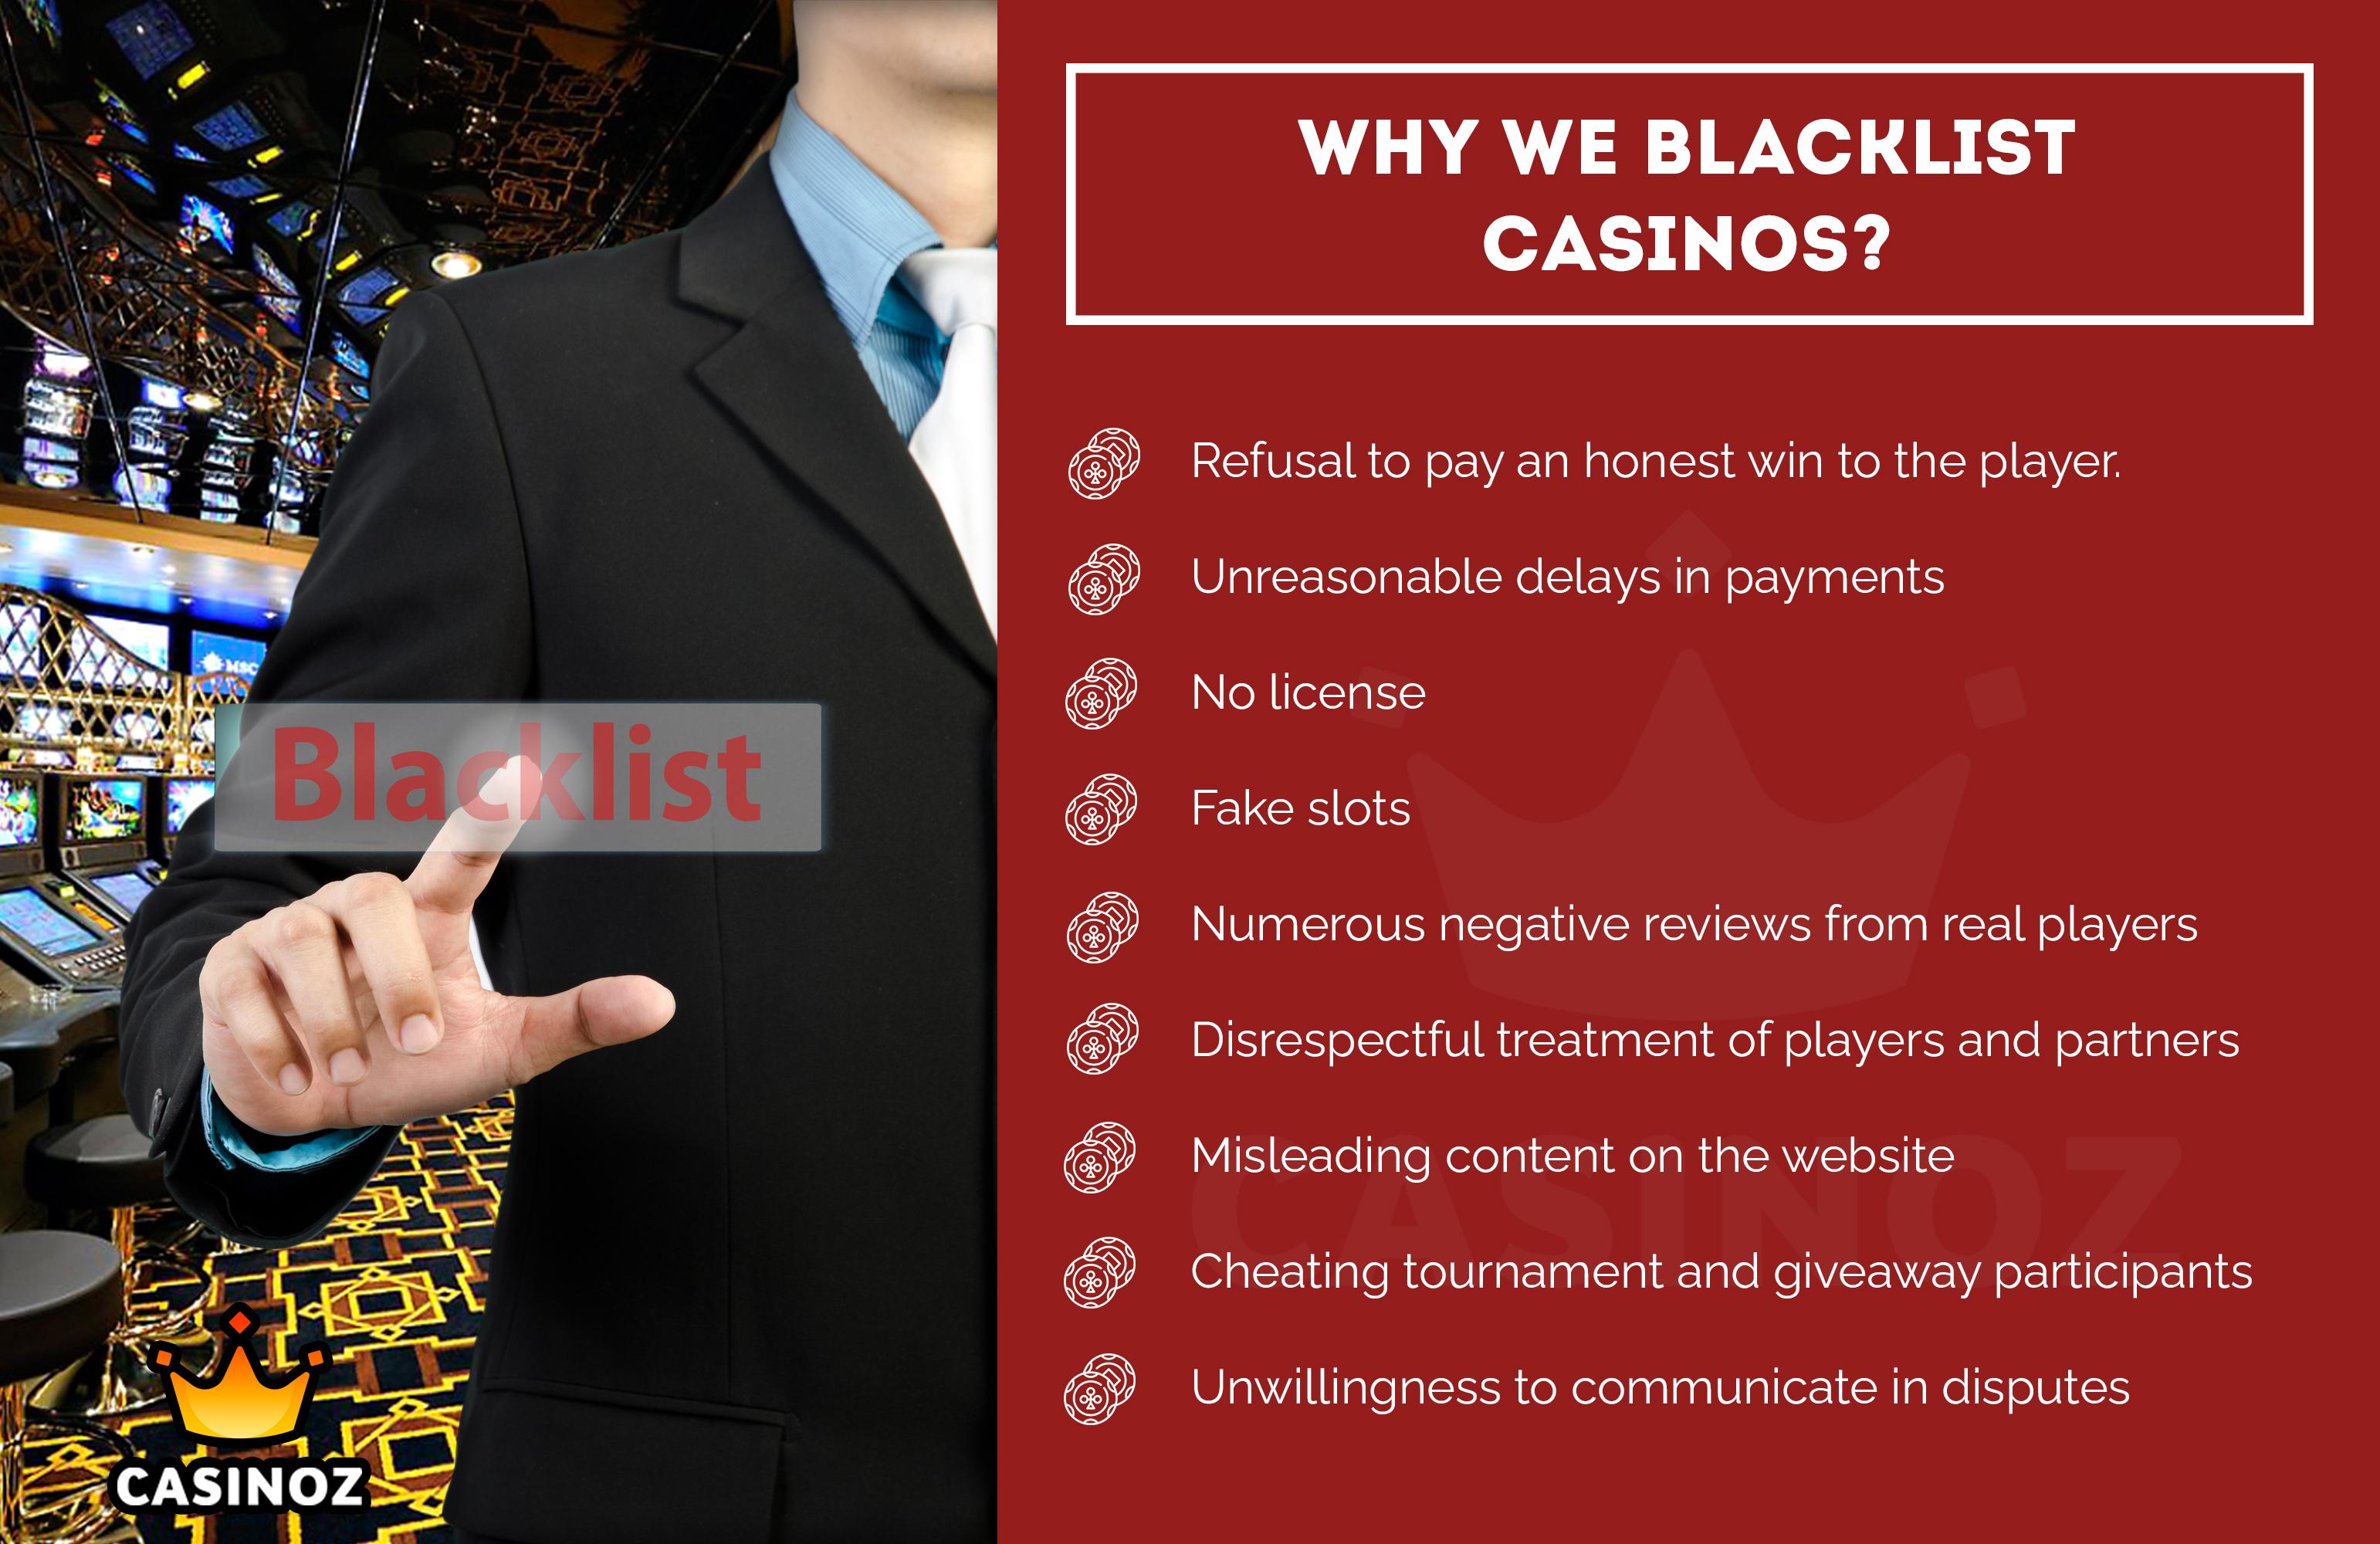 Blacklisted casinos 427325